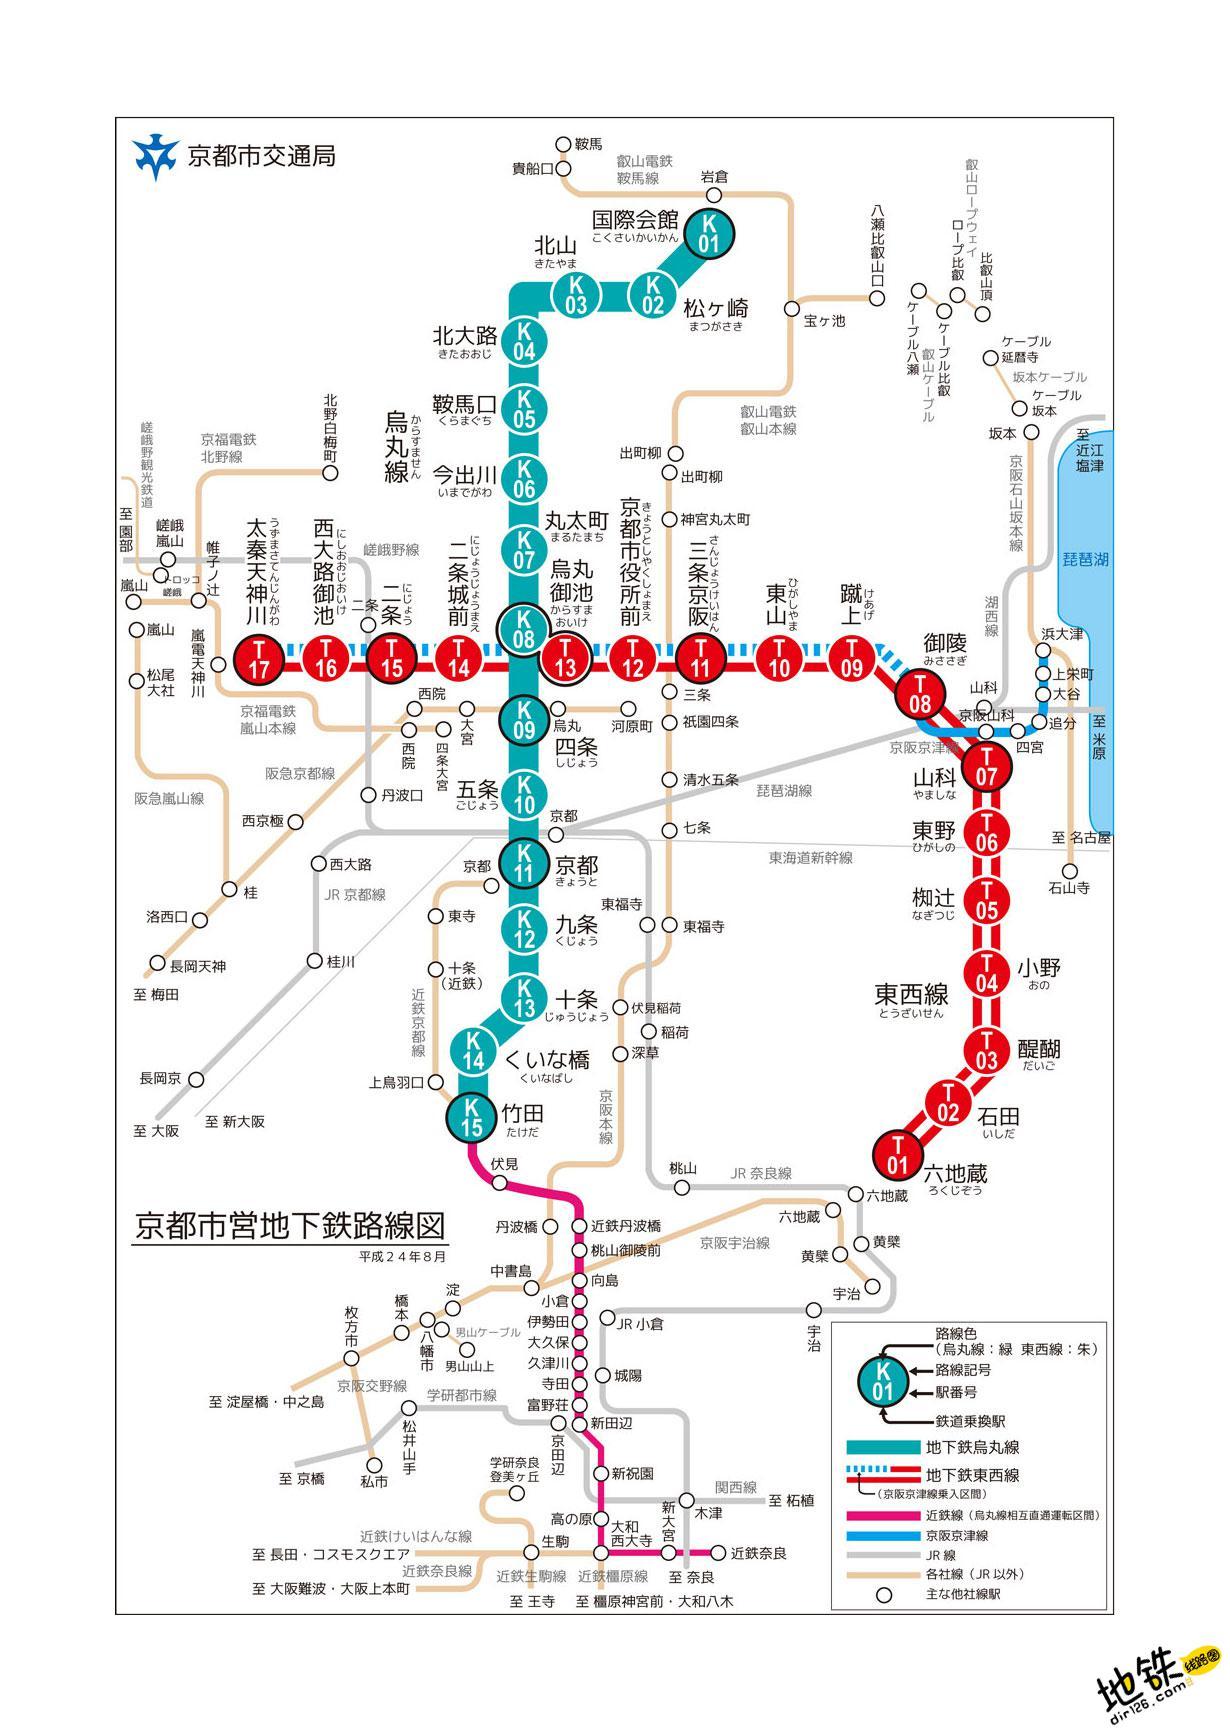 日本京都市营地铁线路图 运营时间票价站点 查询下载 京都地铁票价 京都地铁运营时间 京都地铁线路图 日本京都市营地下铁 日本京都市营地铁 日本地铁线路图  第3张